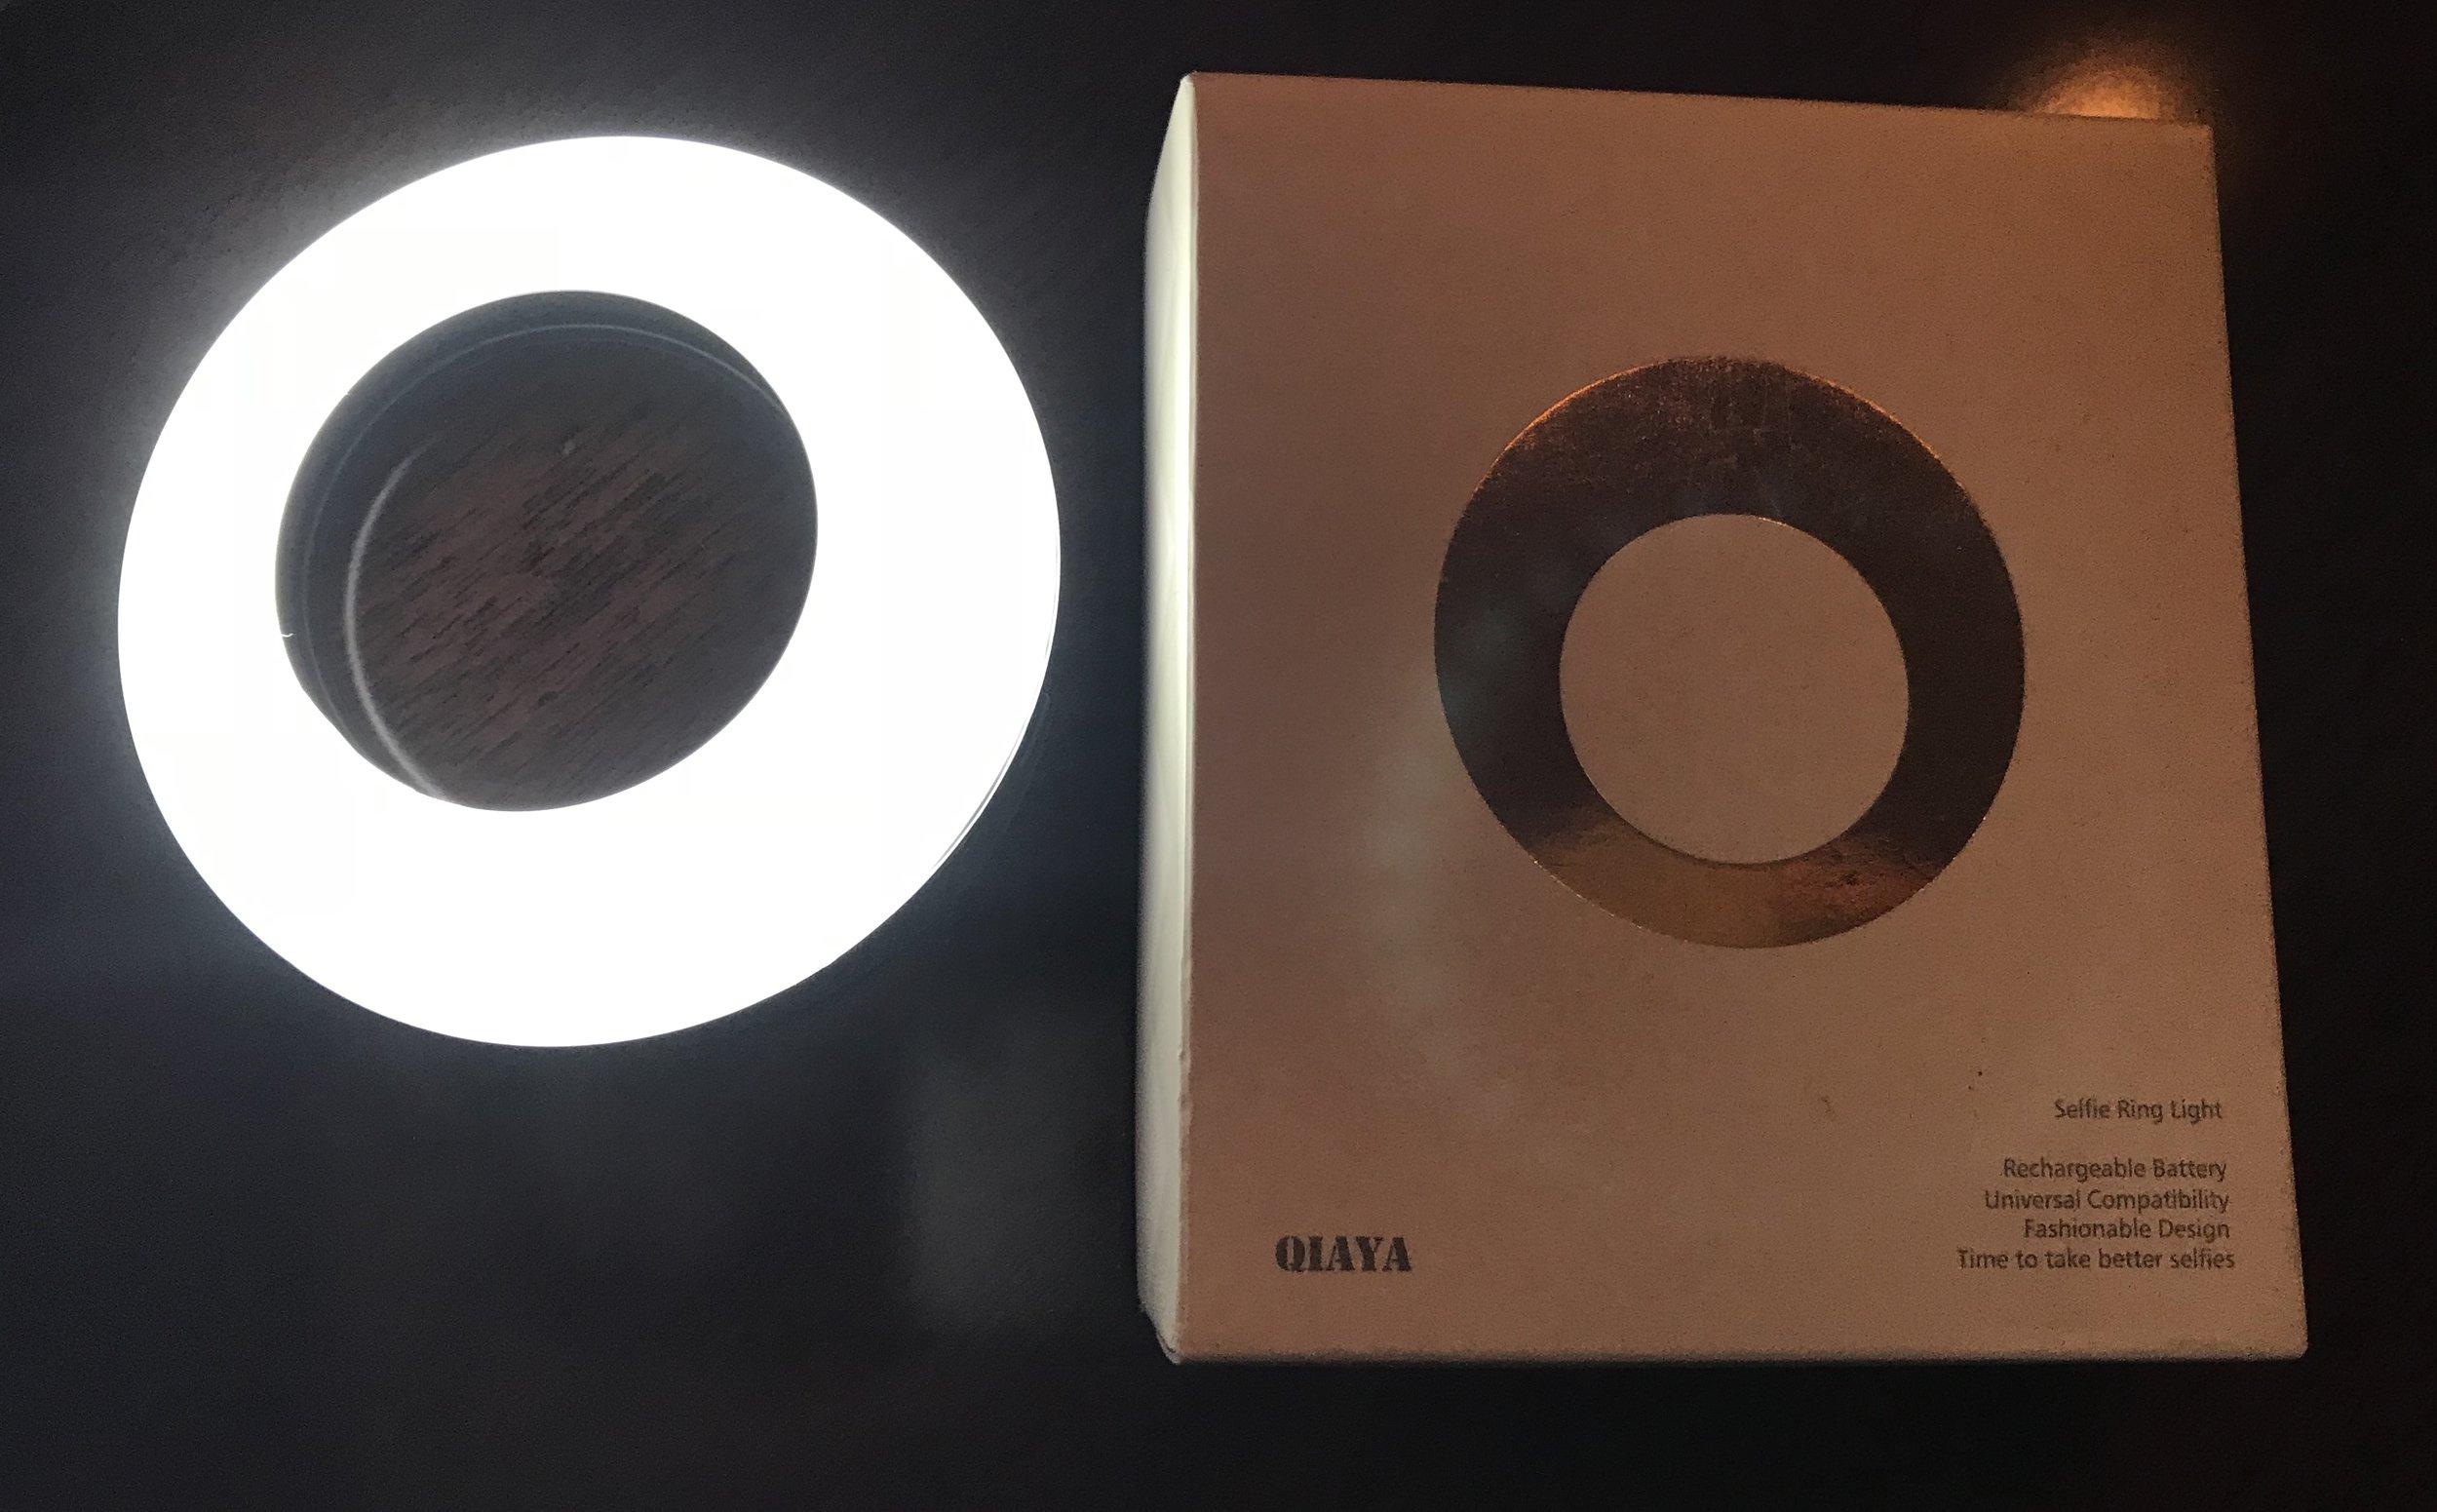 Qiaya - Selfie Ring Light